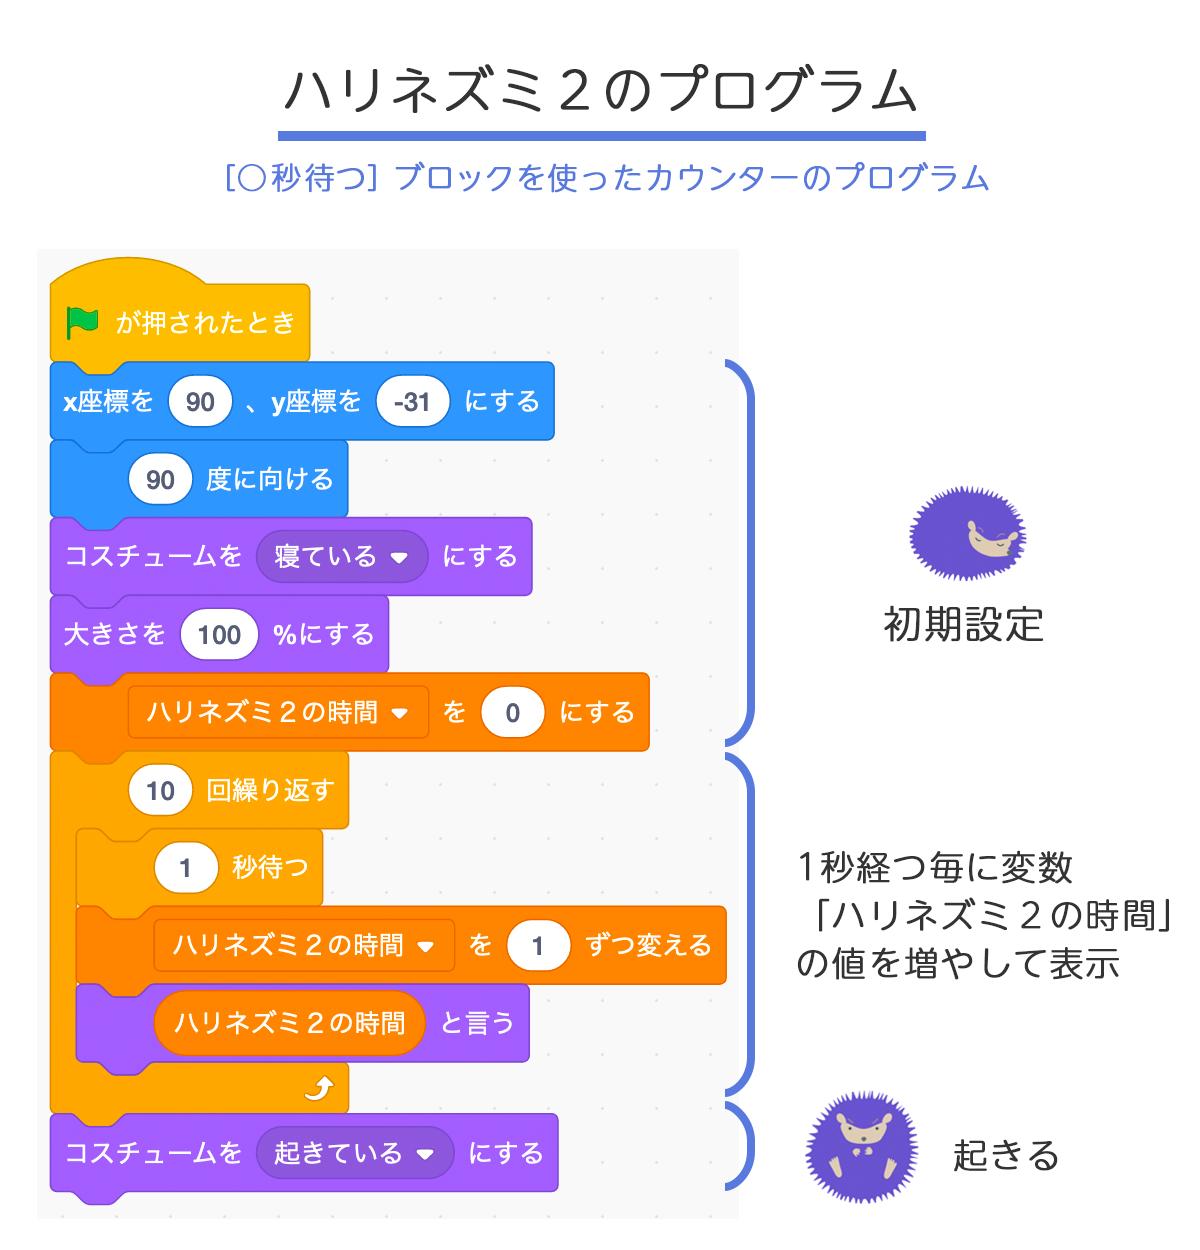 [○秒待つ]ブロックを使ったカウンターのプログラム